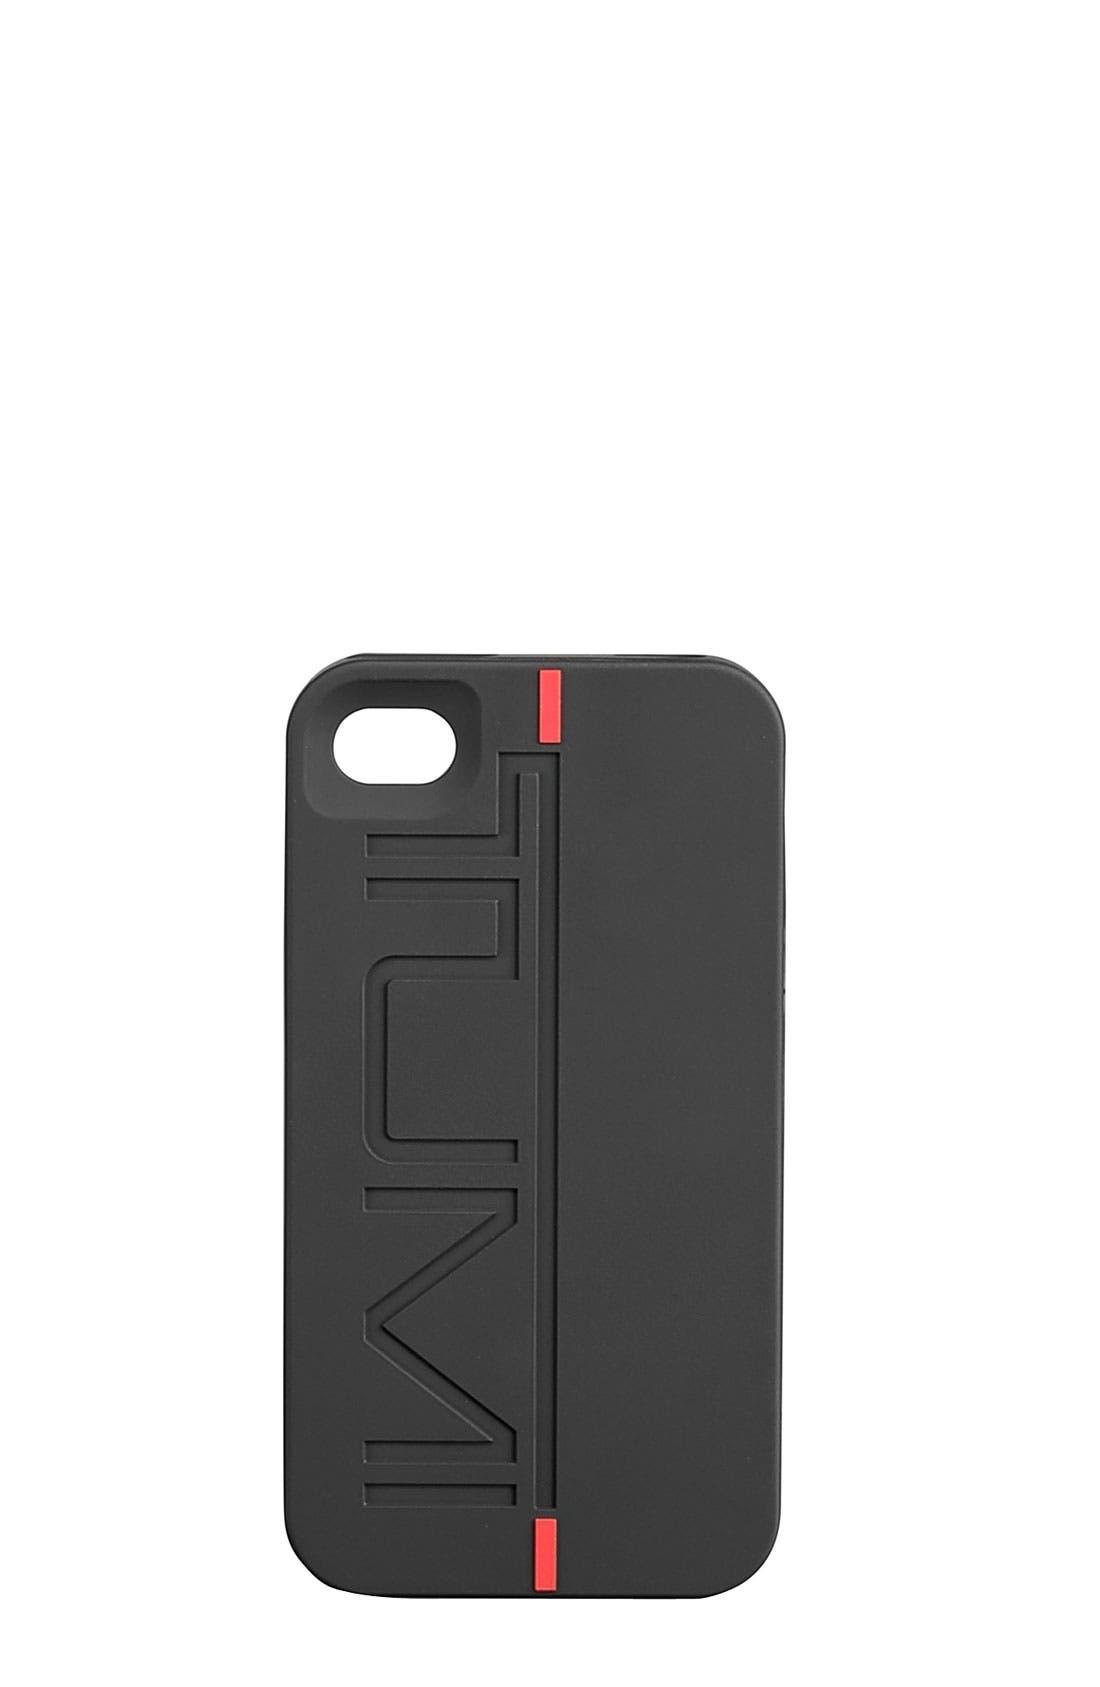 Main Image - Tumi Debossed iPhone 4 & 4S Cover